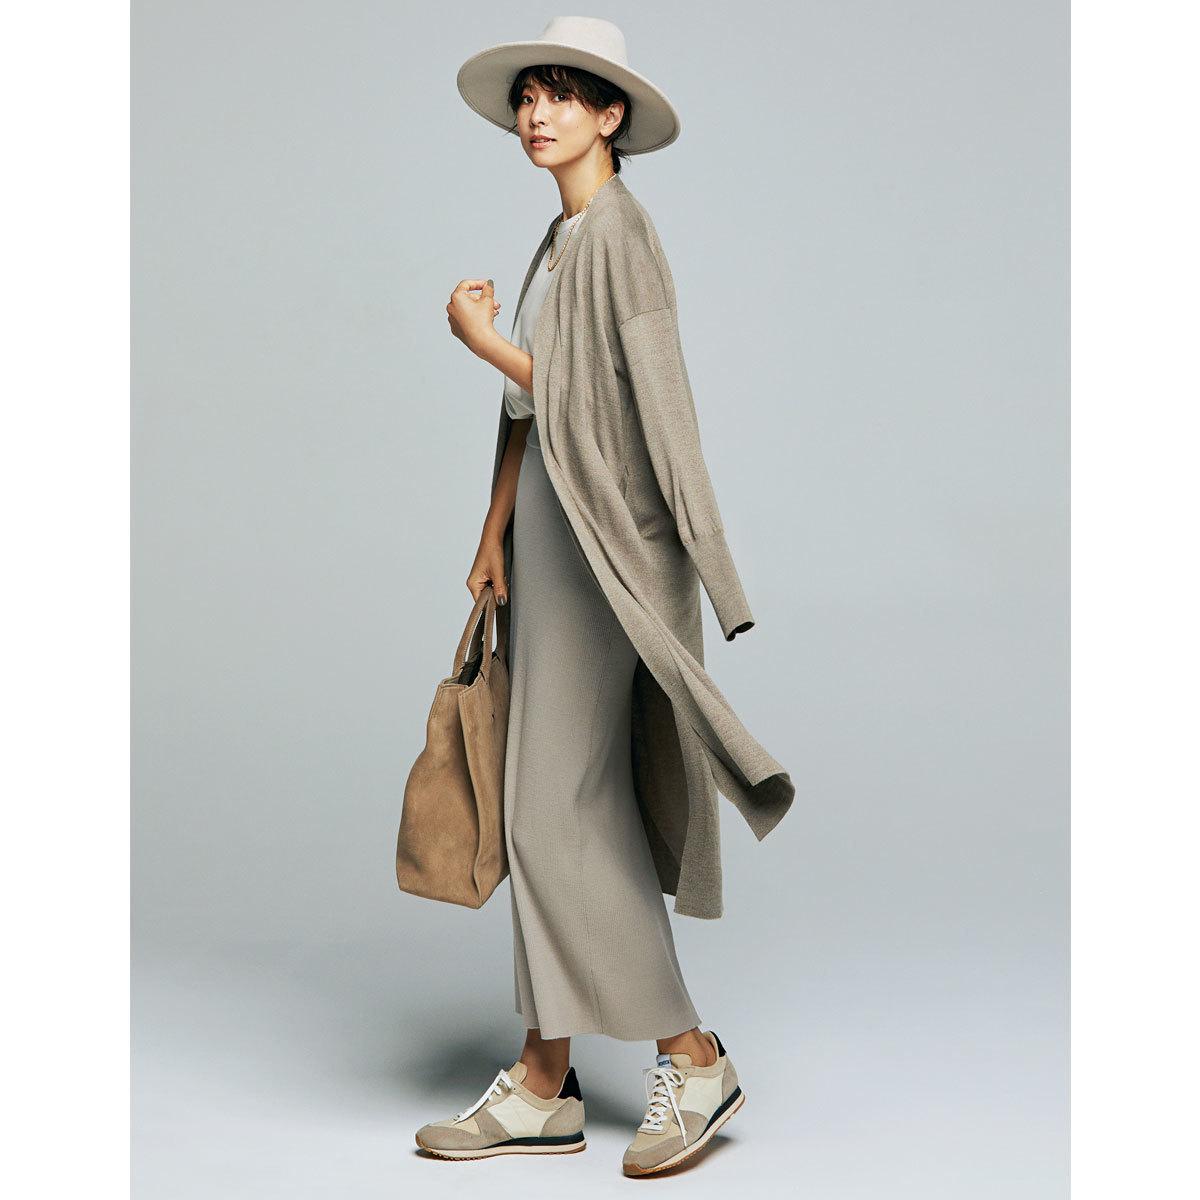 ロングカーディガン×リブスカートコーデを着たモデルの五明祐子さん